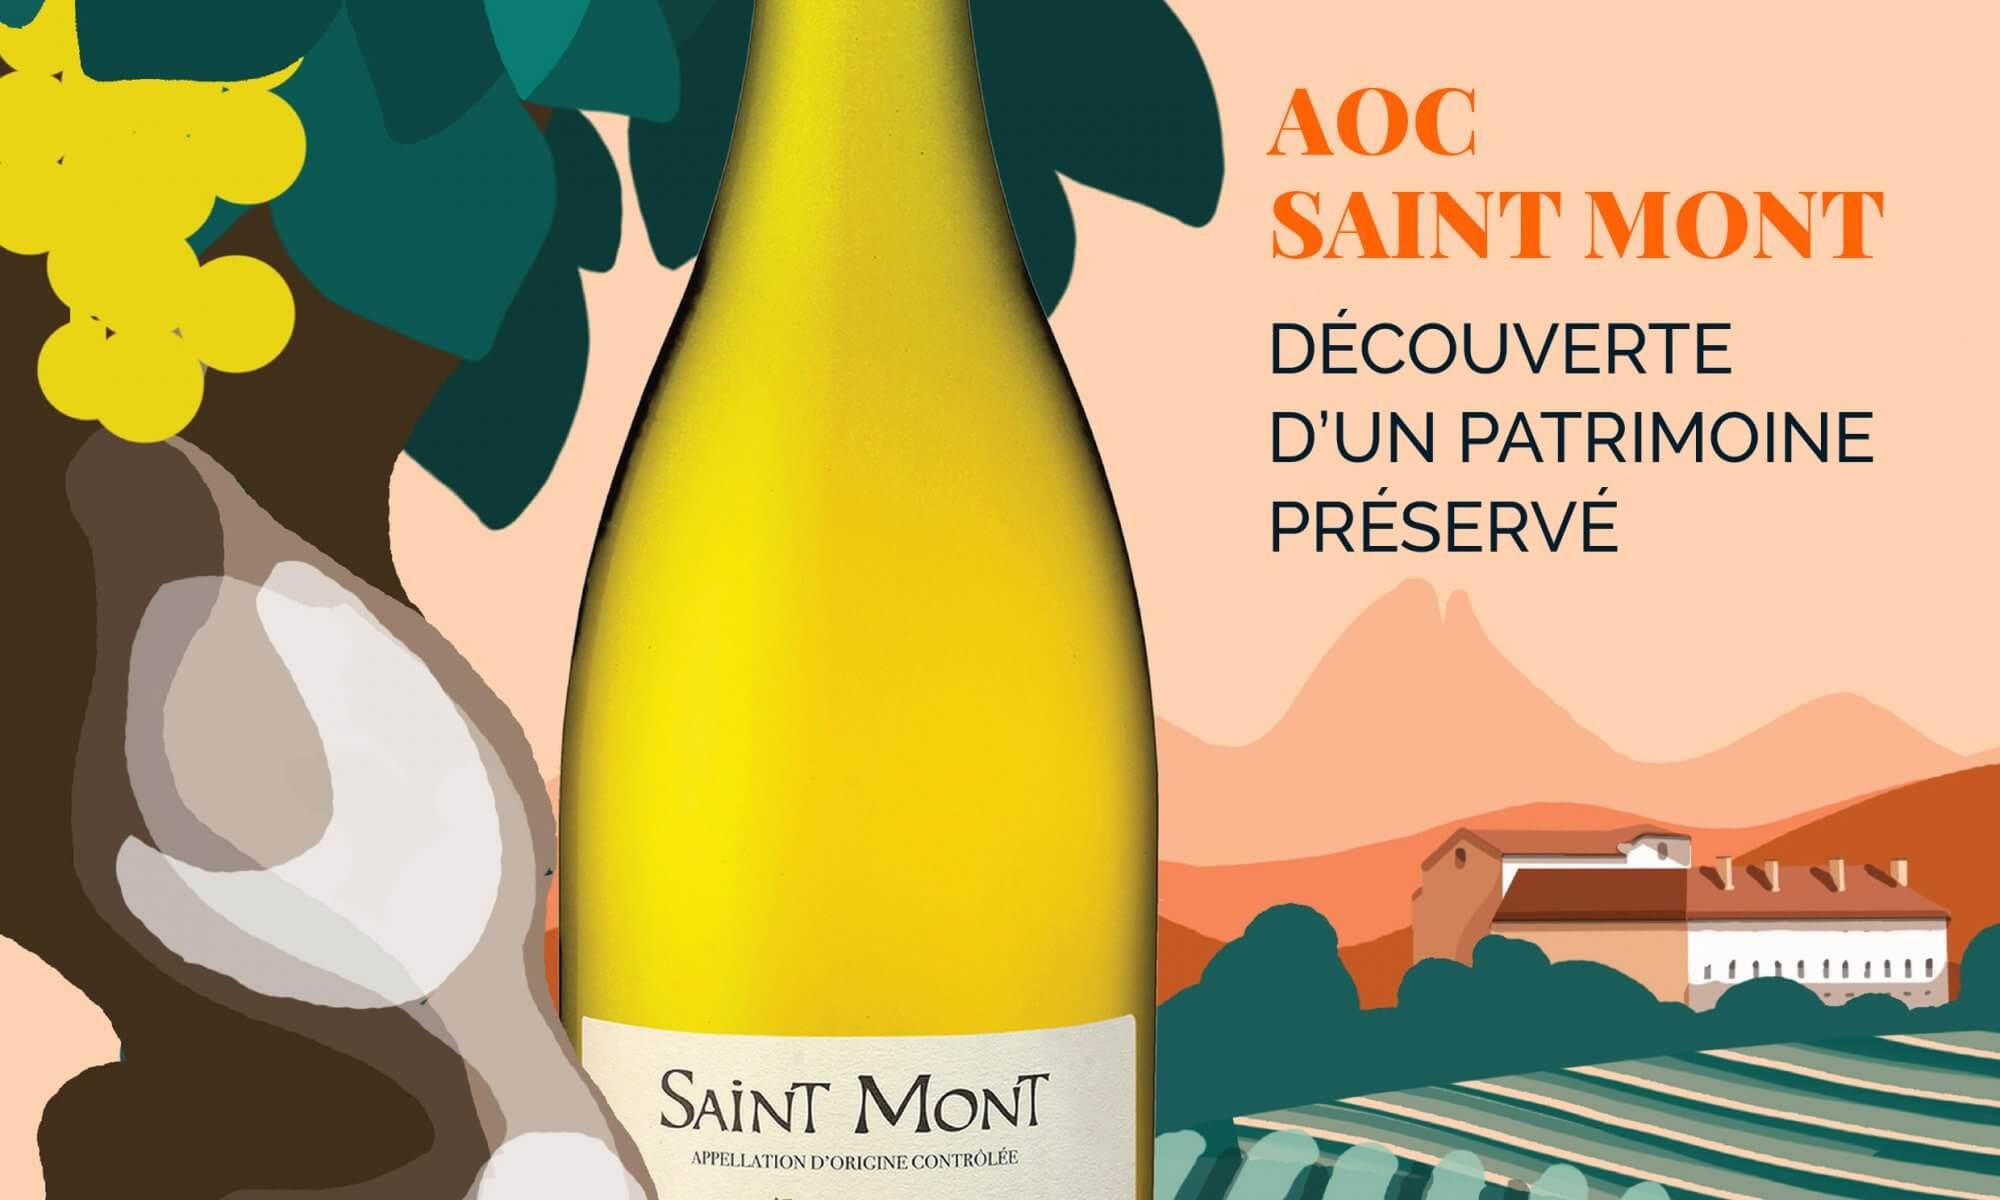 Journée tasting AOC SAINT MONT